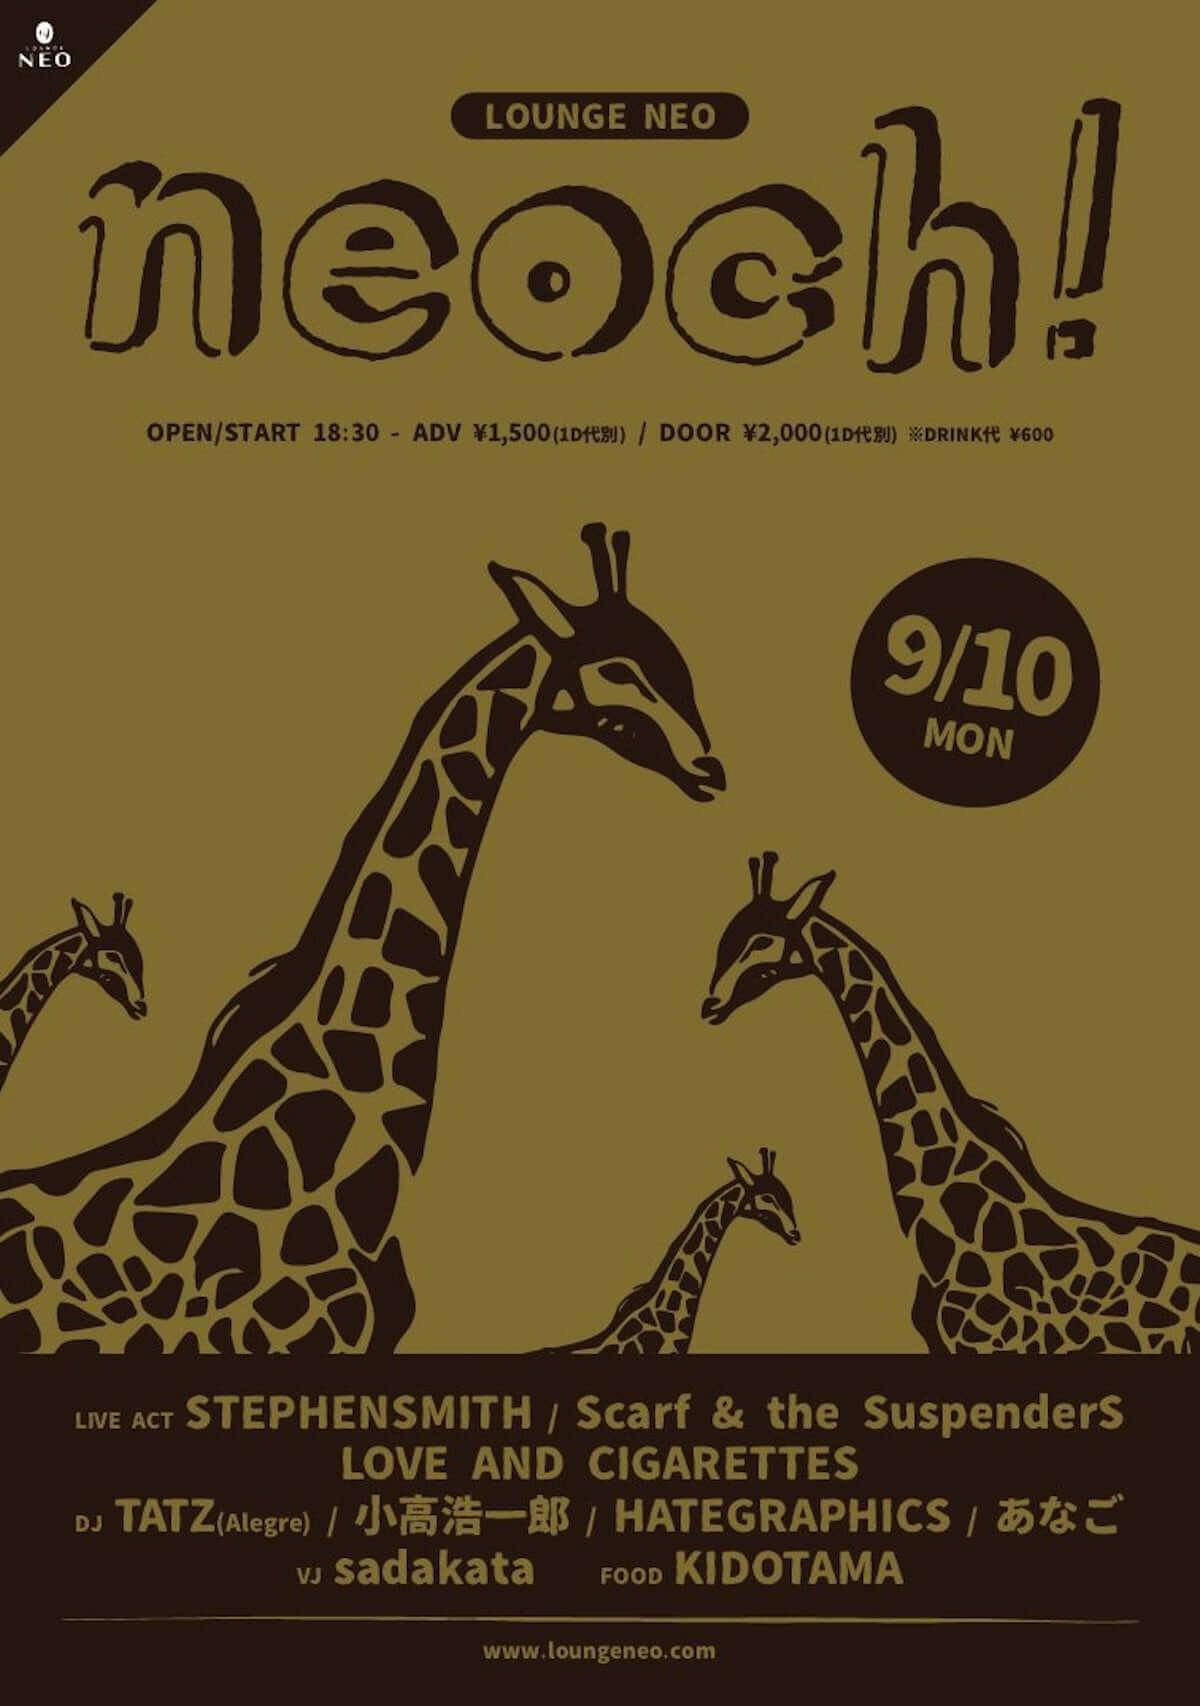 「月曜から渋谷にパーティー」がモットーの<neoch!>が渋谷LOUNGE NEOにて開催!ライブにはSTEPHENSMITH、Scarf&the SuspenderSら出演! music180904_neoch_01-1200x1706